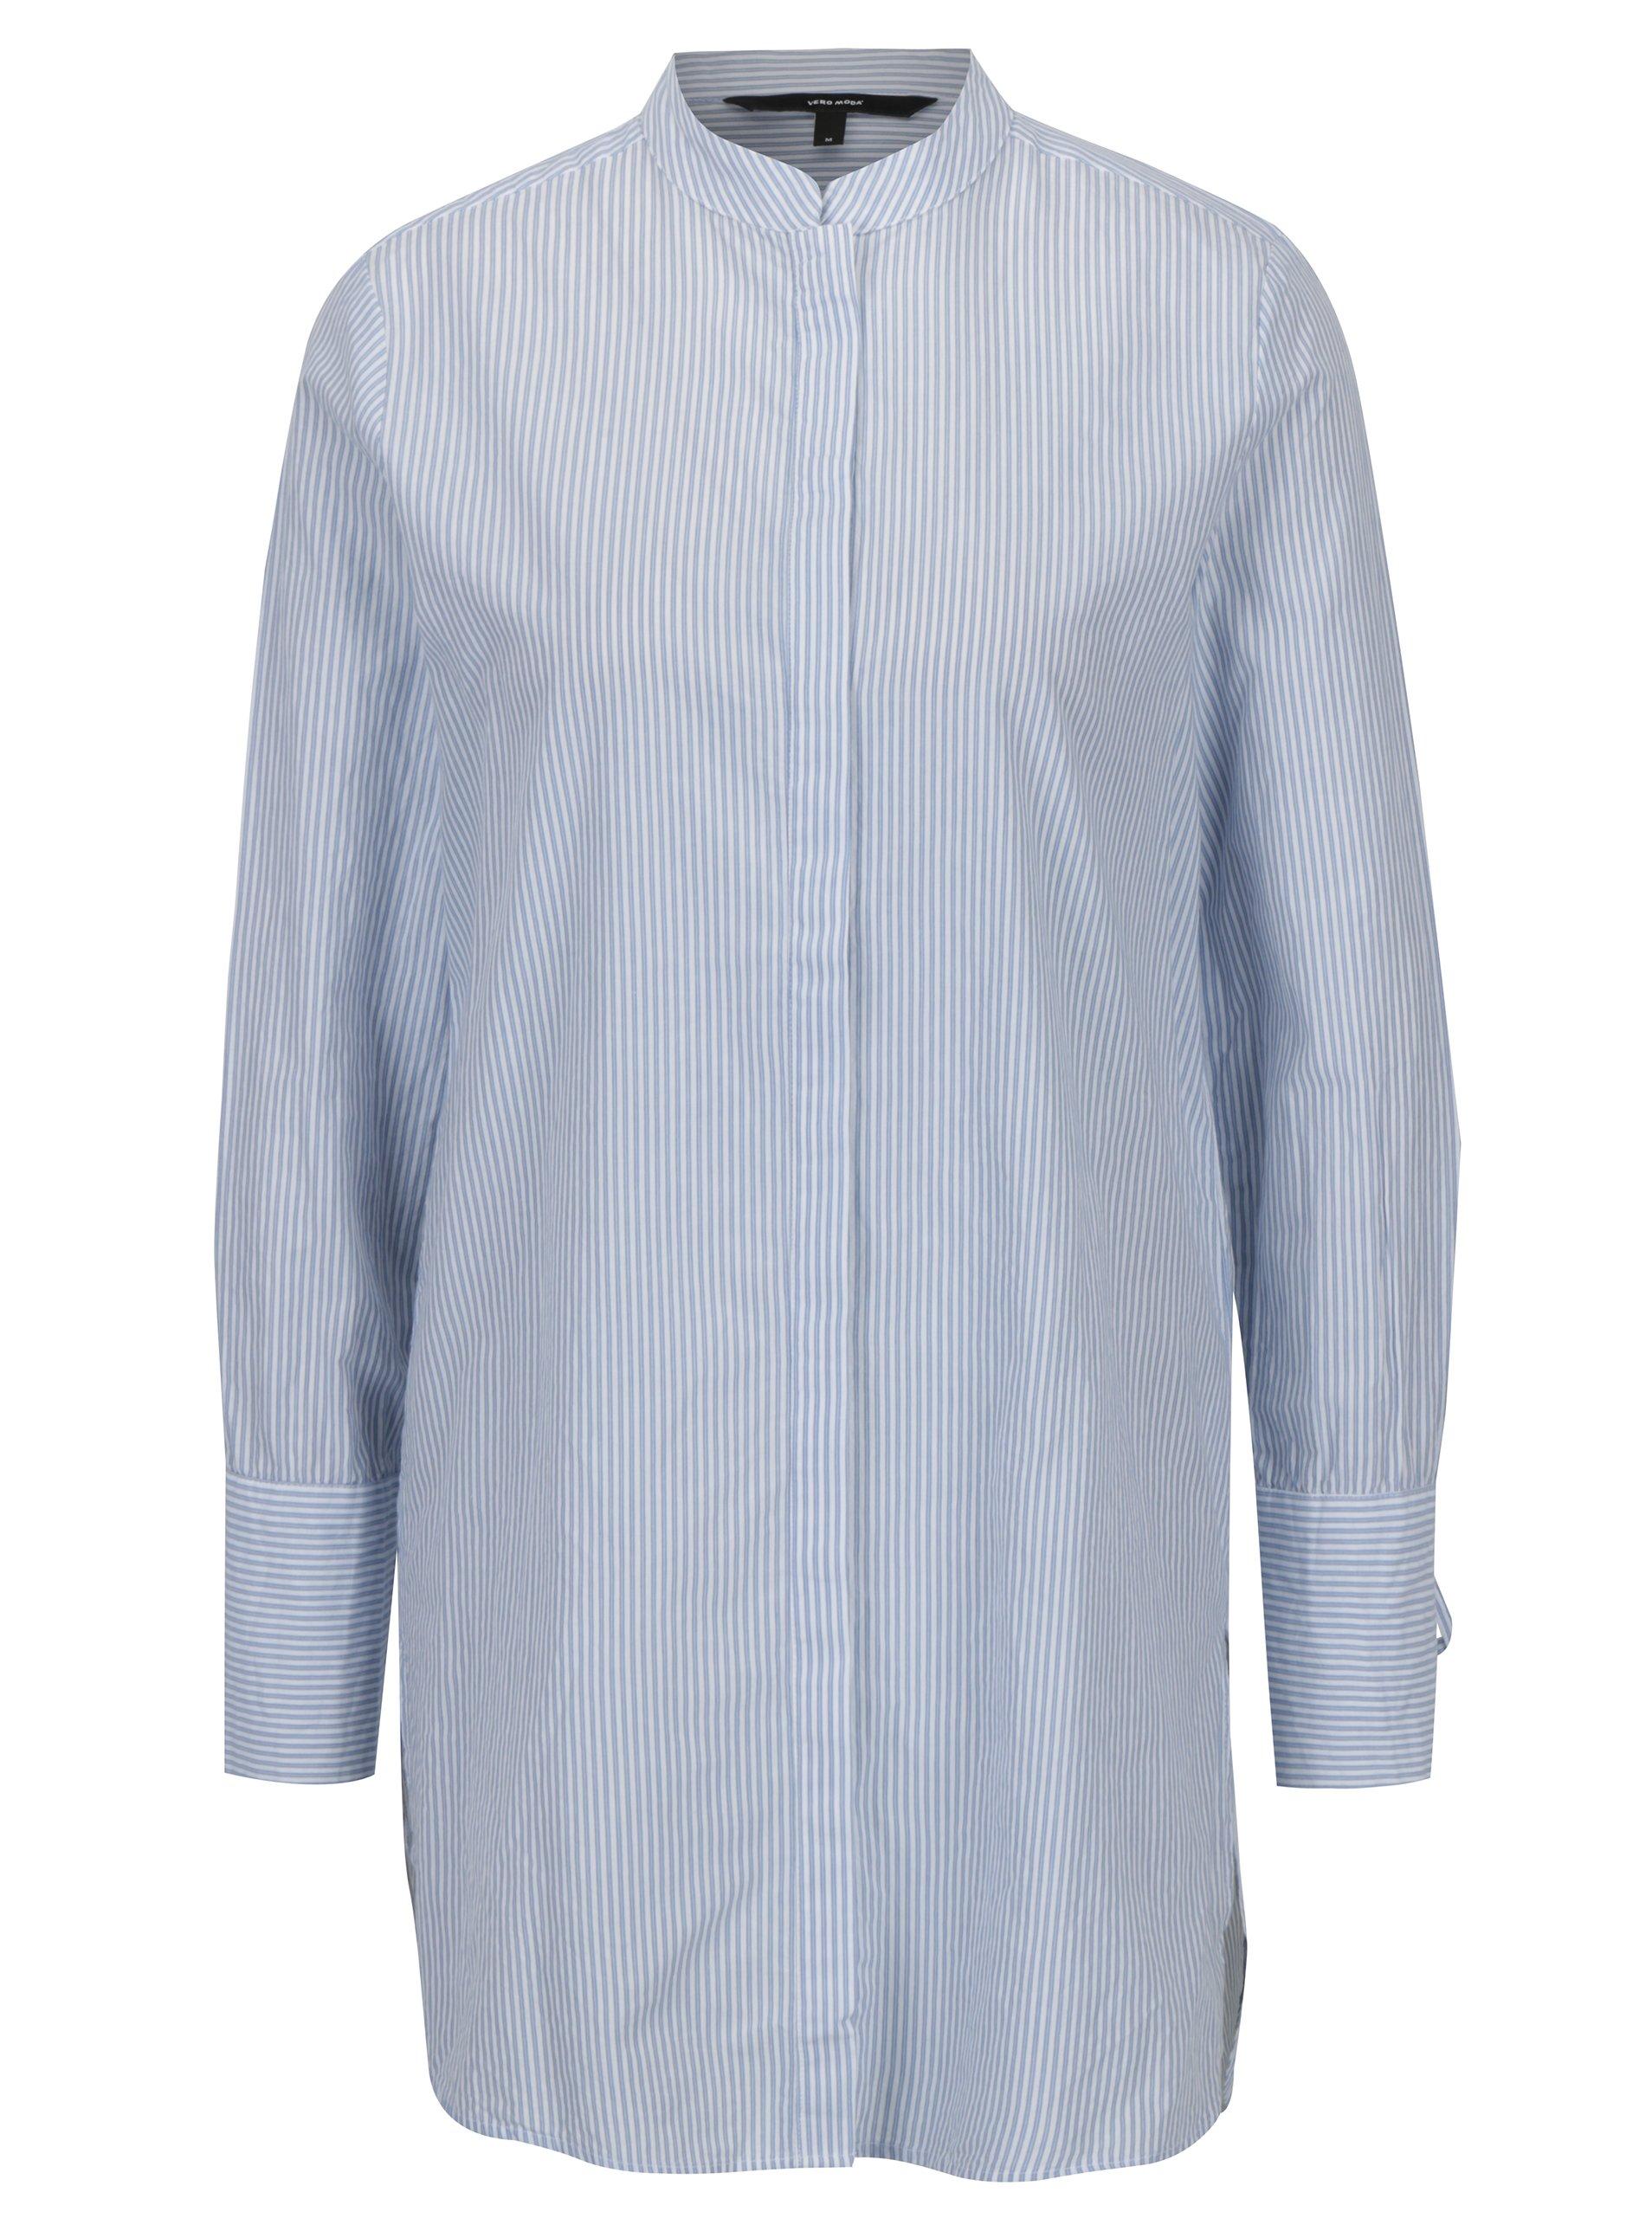 ffb1042b9532 Modro-biela dlhá košeľa VERO MODA Juljane